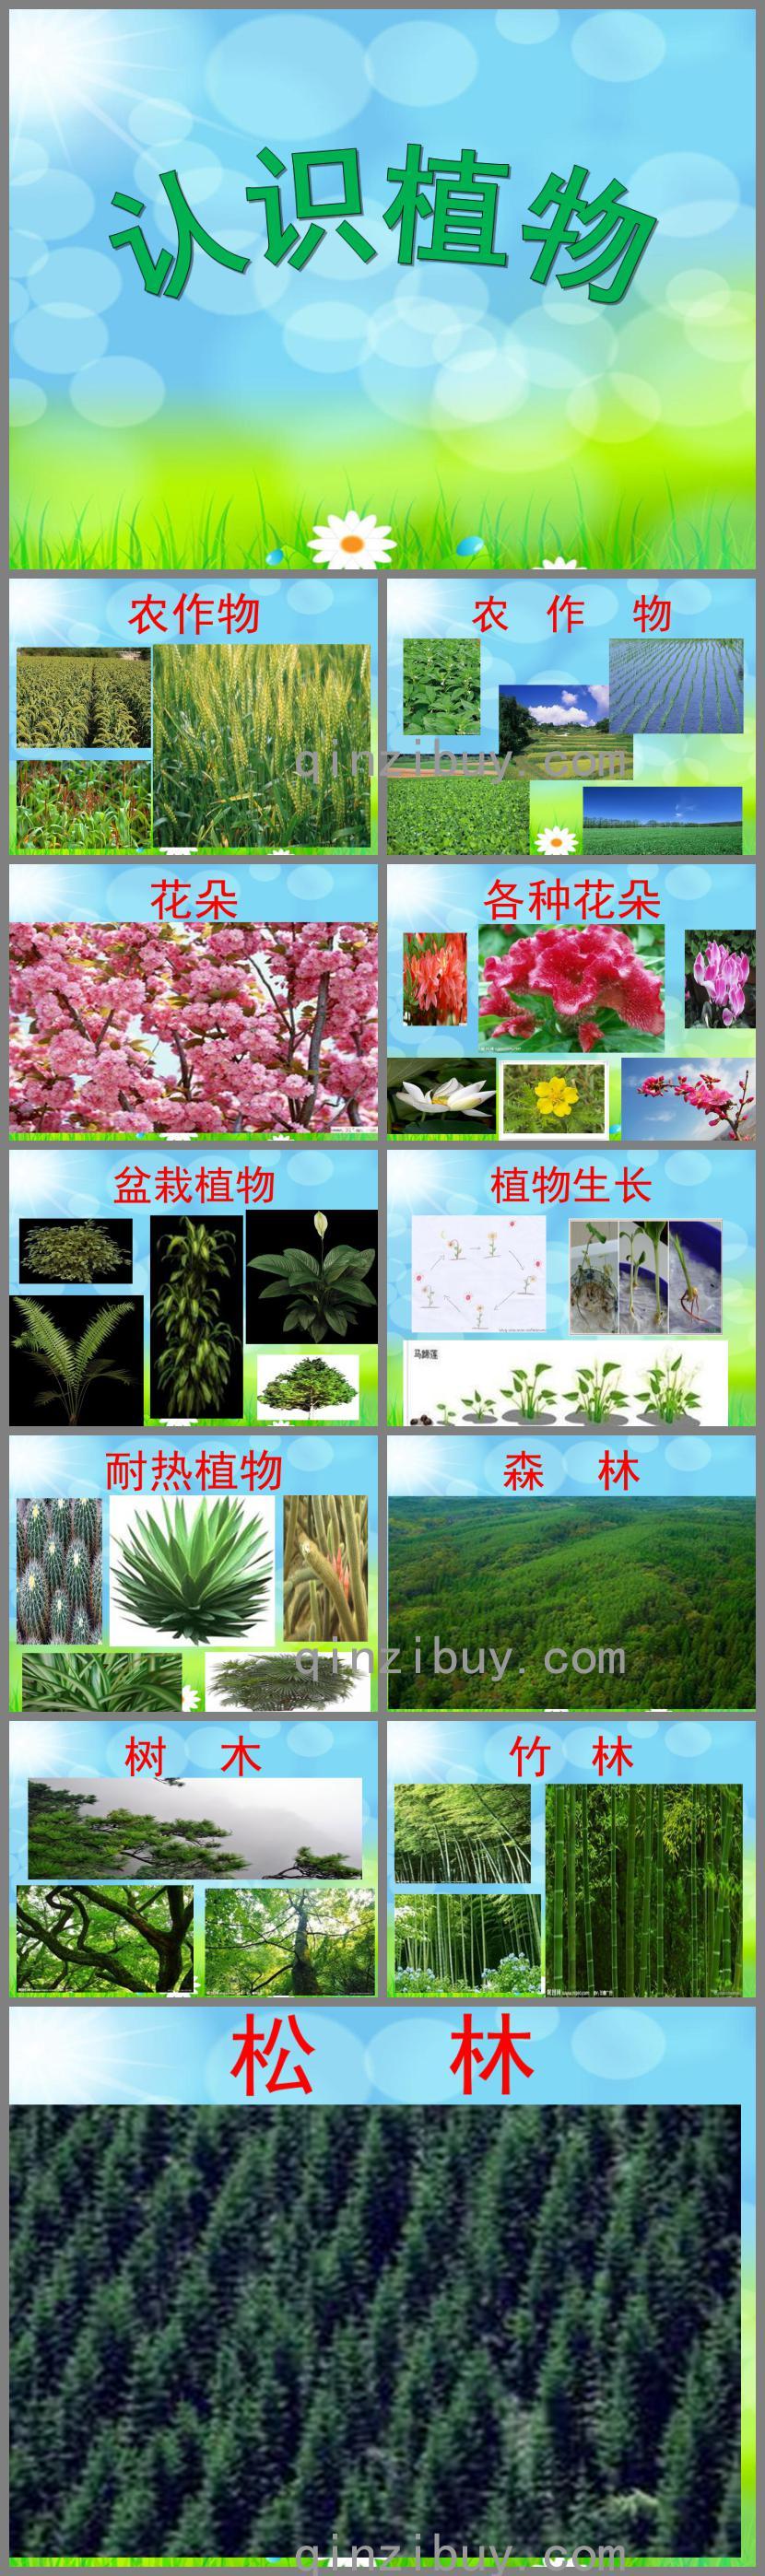 幼儿园认识植物PPT课件